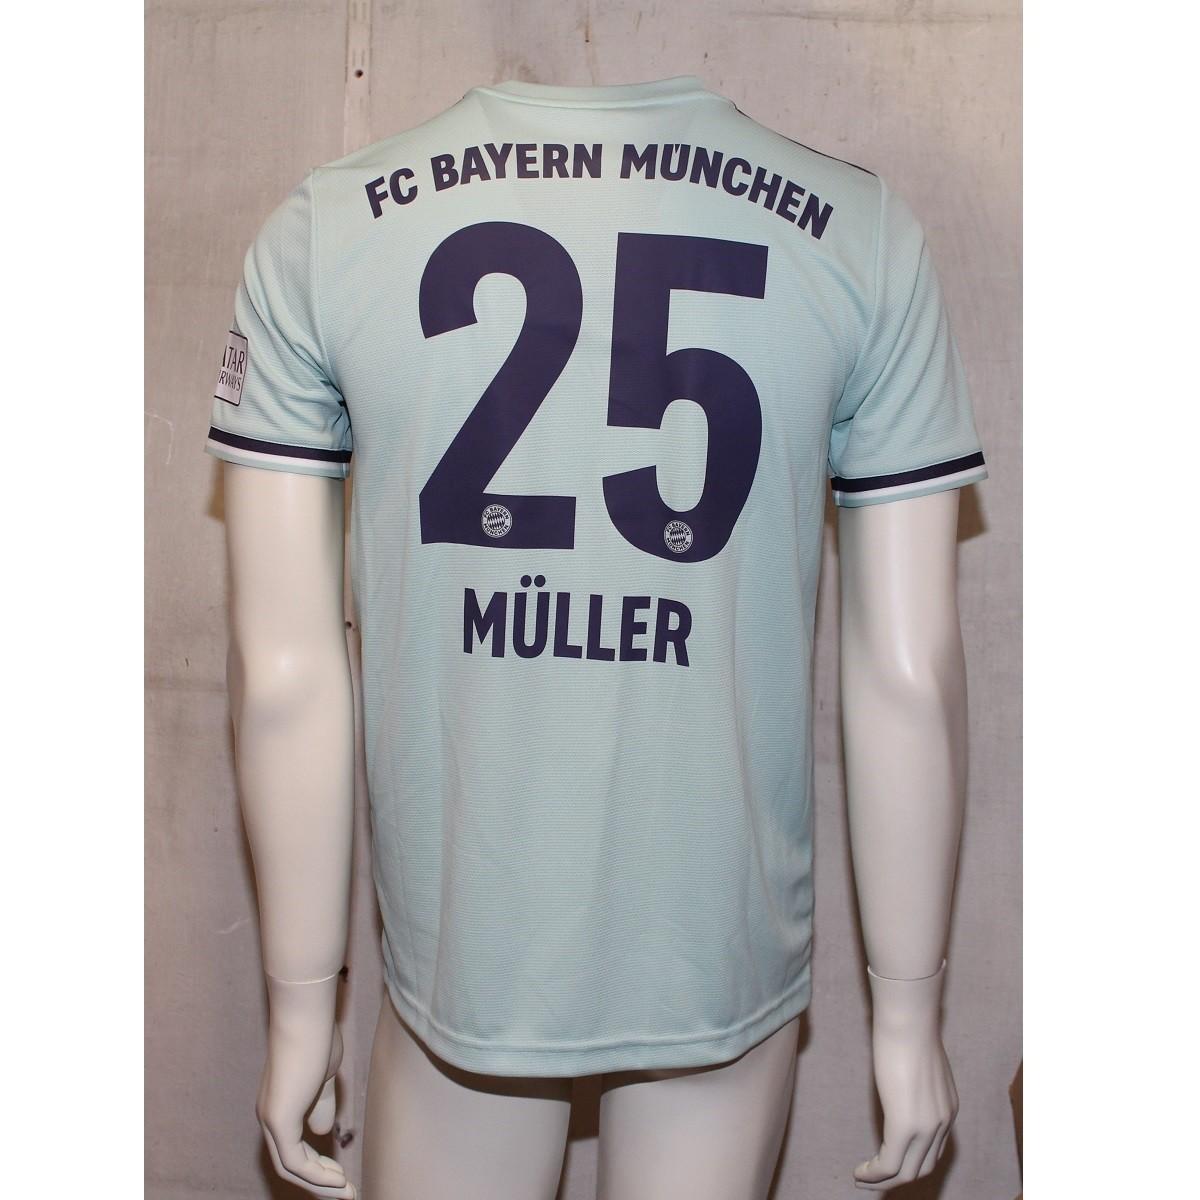 Fc Bayern Munchen Away Jersey 2018 19 Muller 25